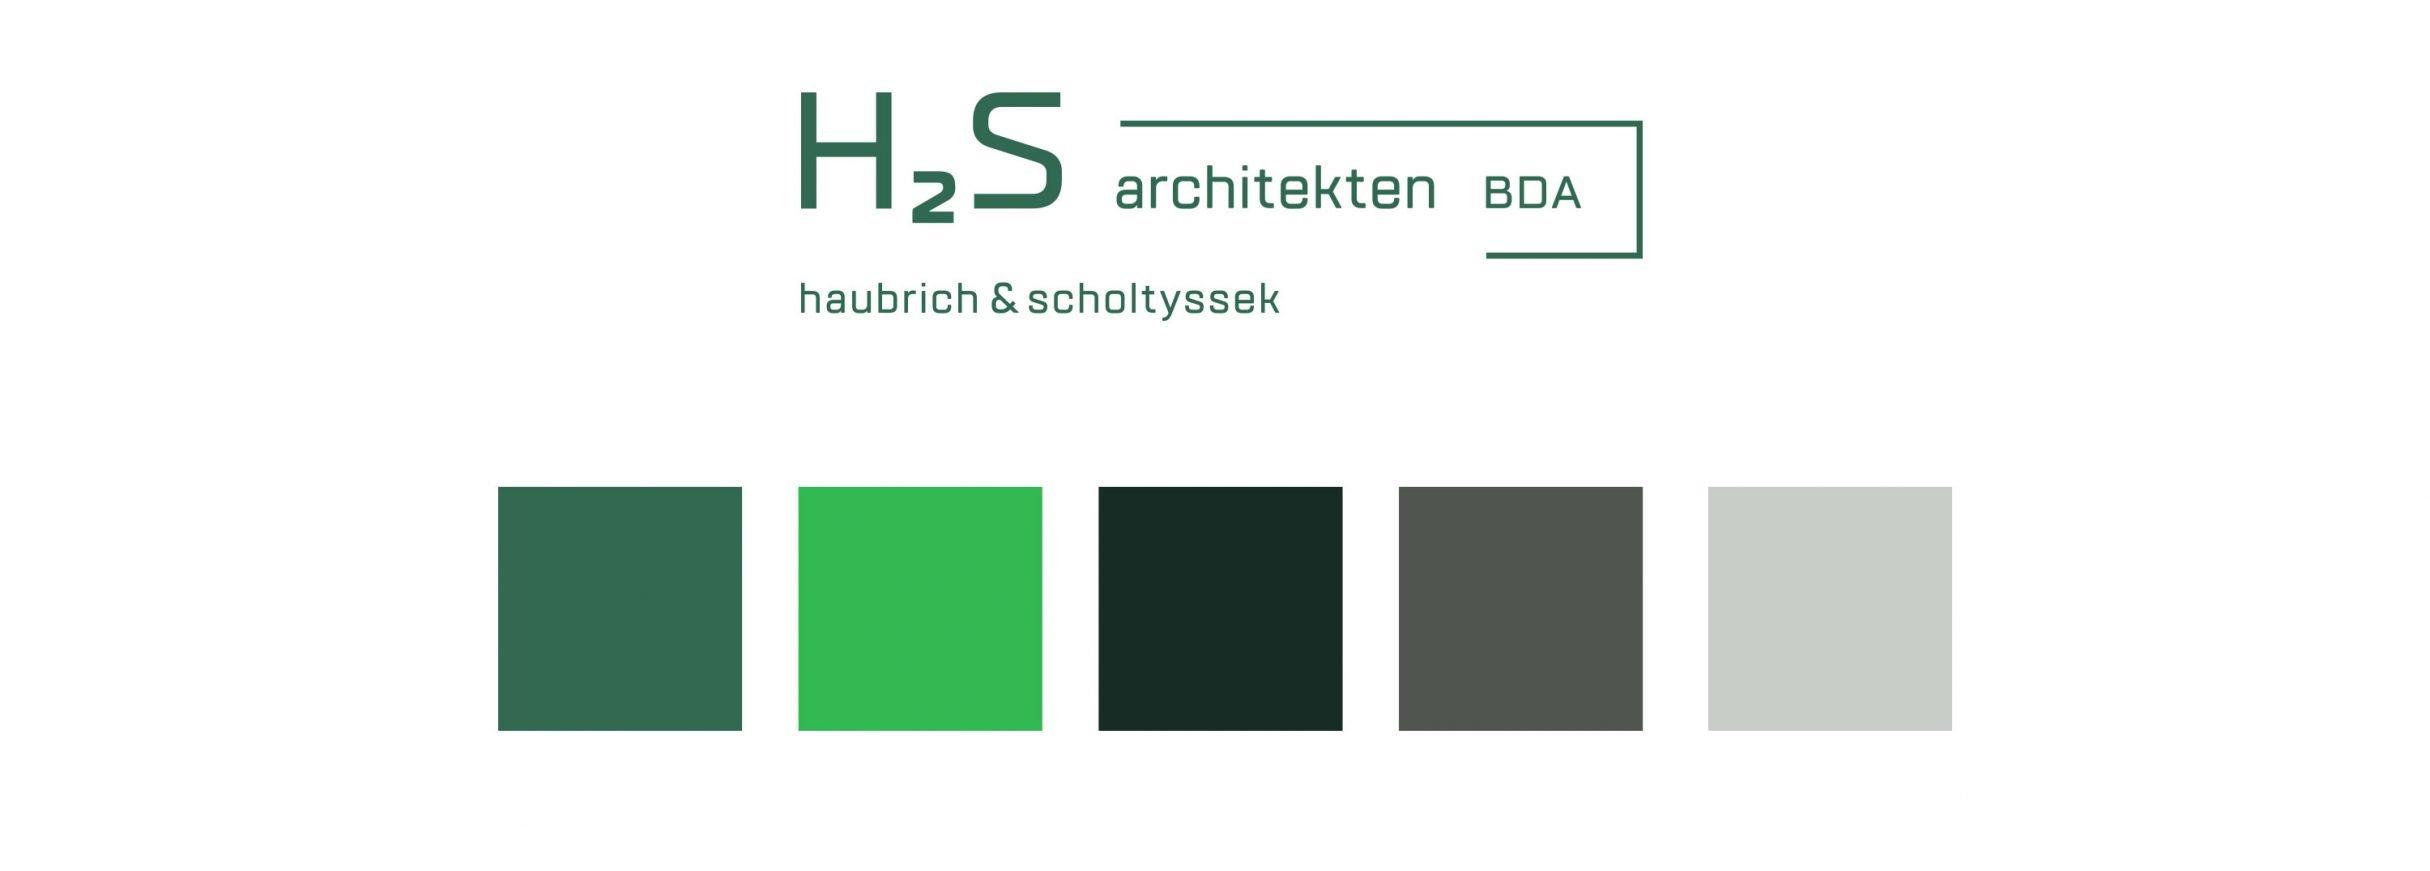 corporate colours für h2s architekten: DIE NEUDENKER, Corporate Design Agentur Darmstadt